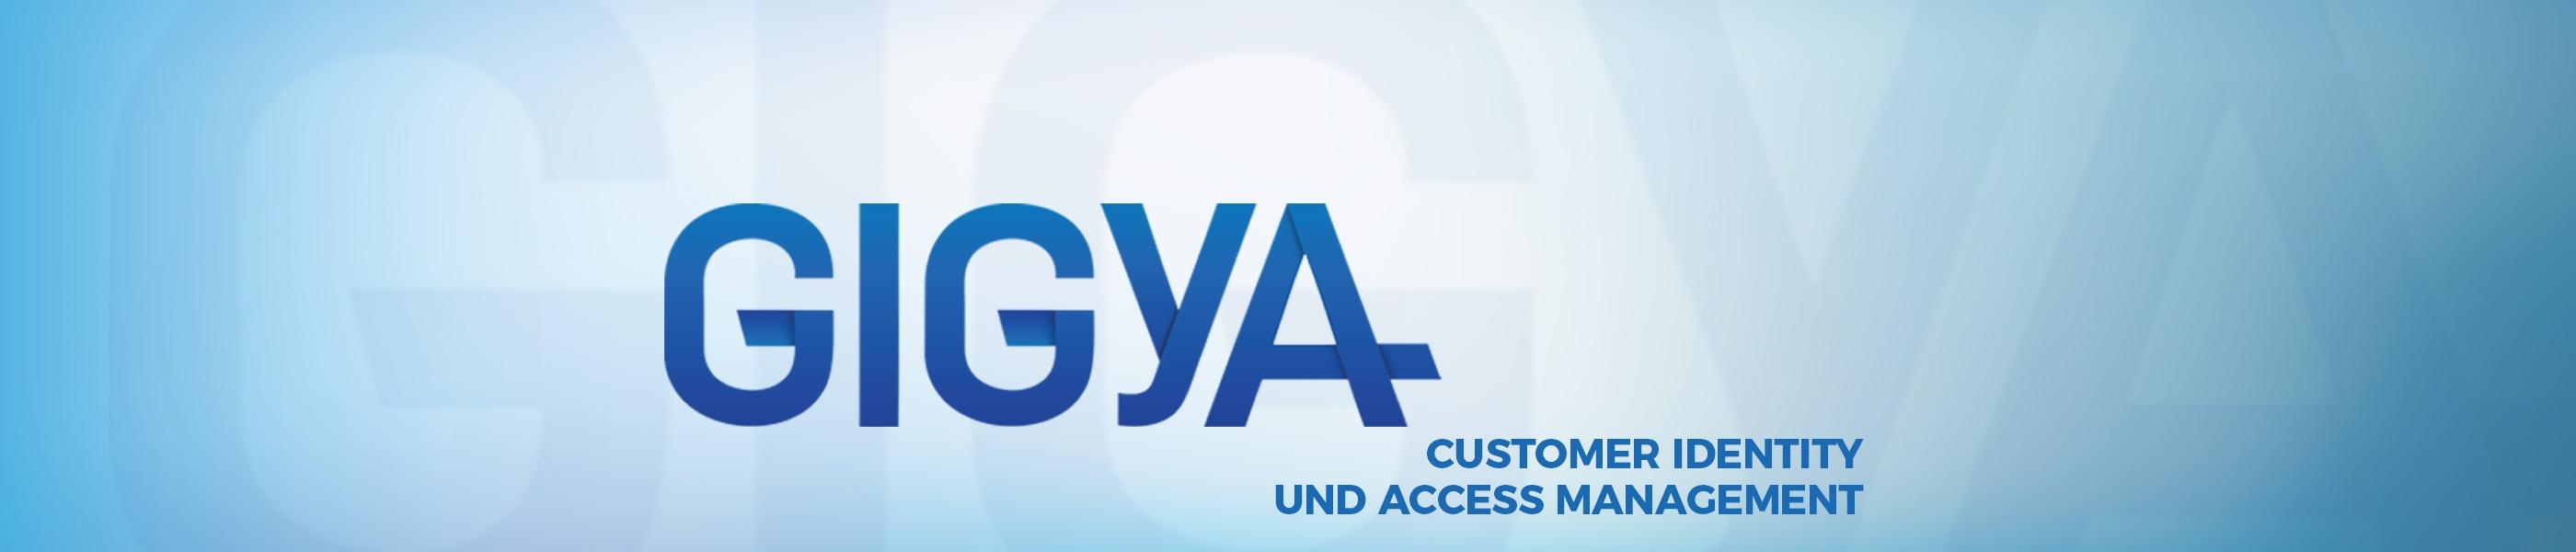 180108_Produkte_gigya_DE.jpg